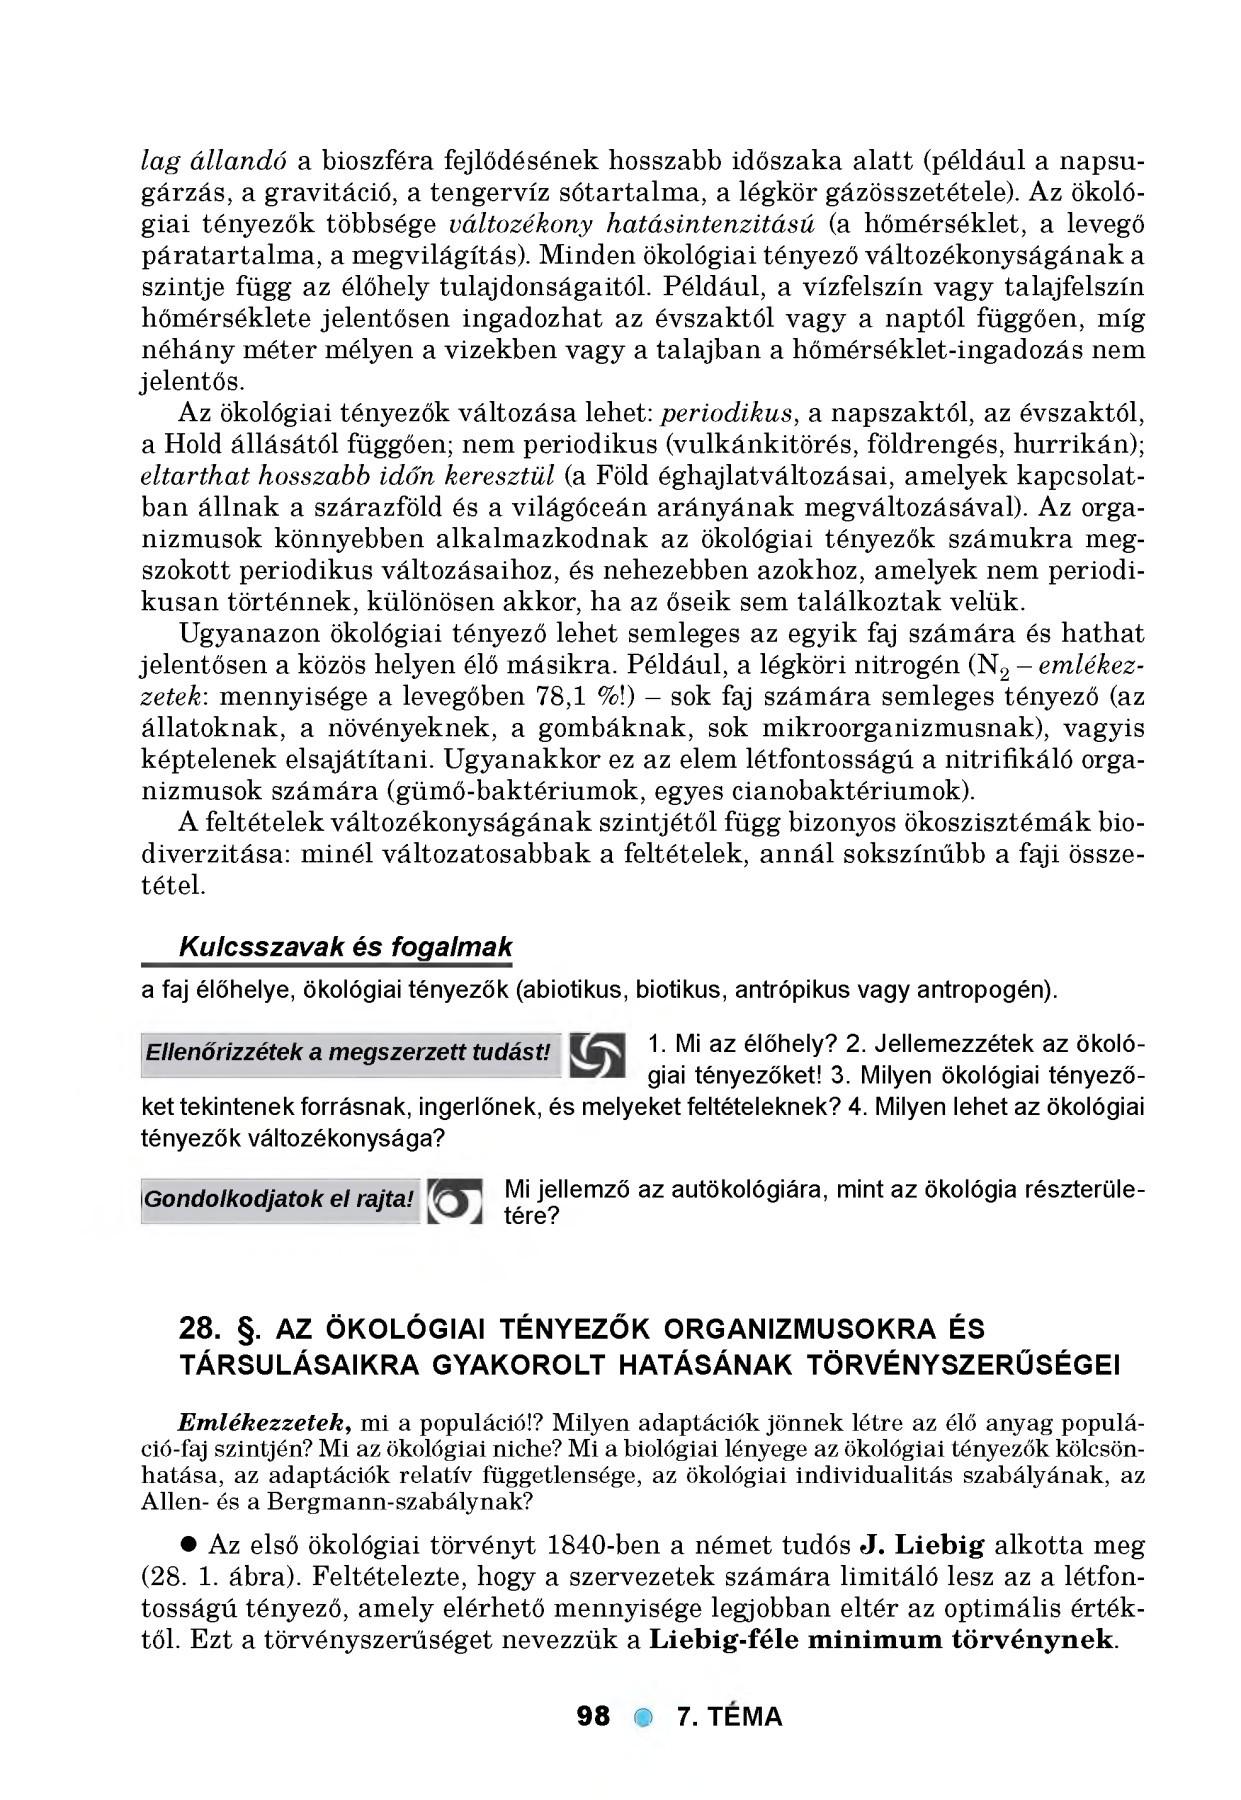 Mi koze a férgekhez - Parazita tabletták megelőzése